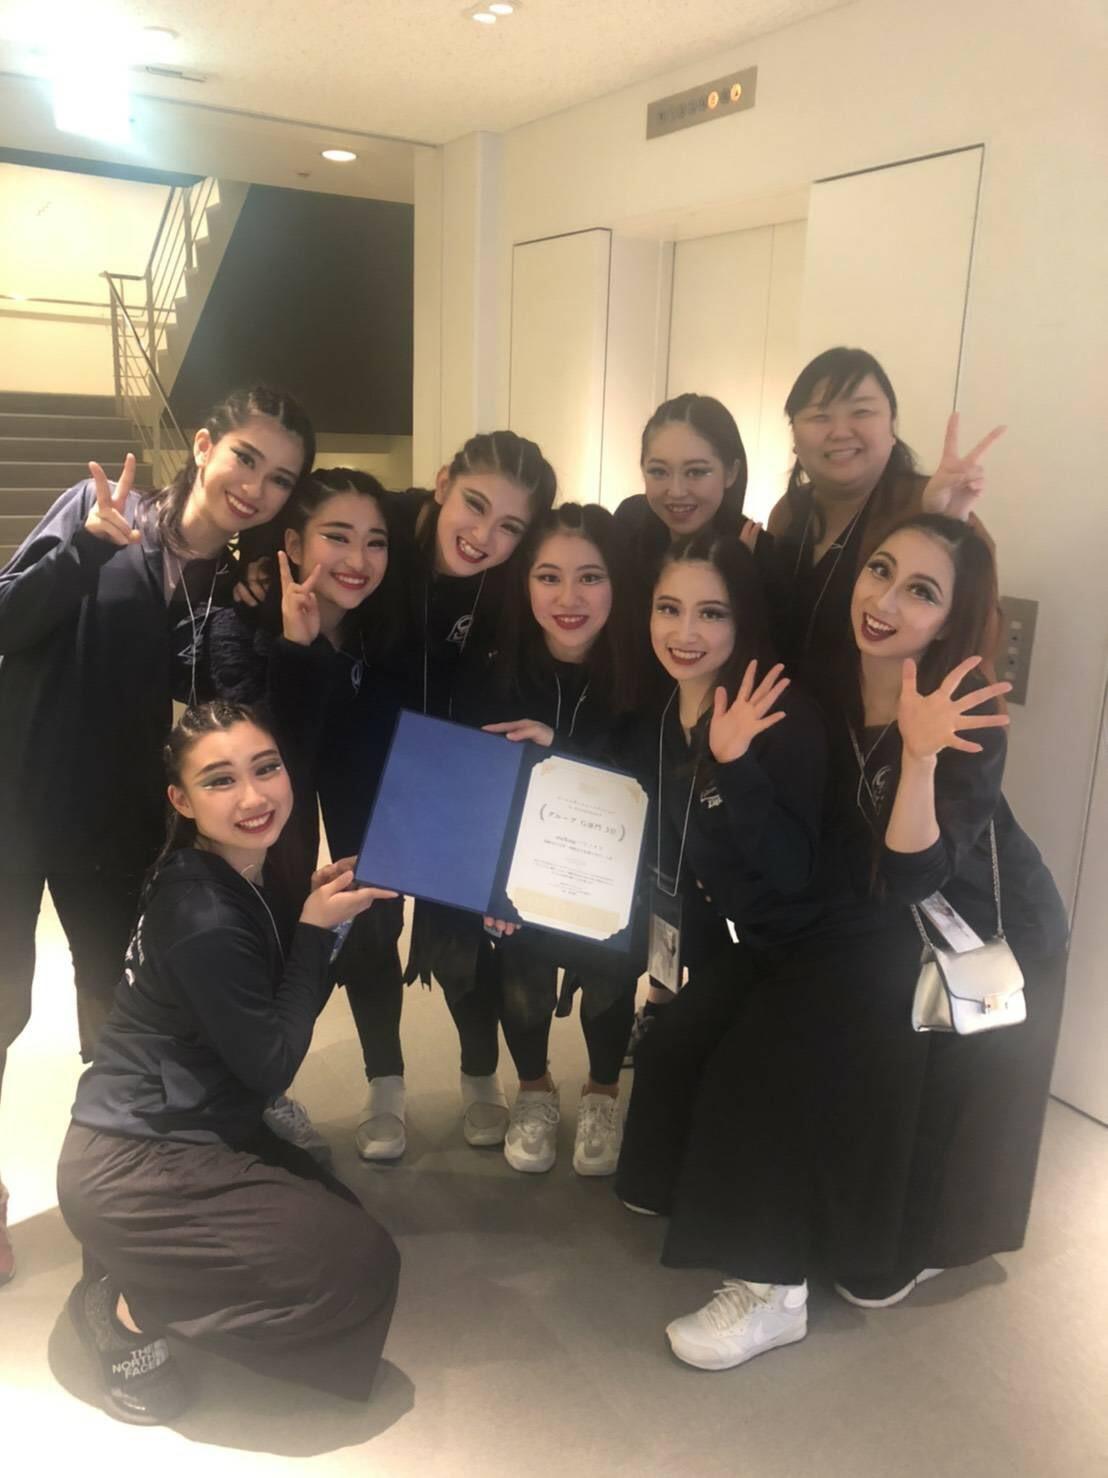 ダンス部が「入賞」及び「奨励賞」を受賞しました。:画像3